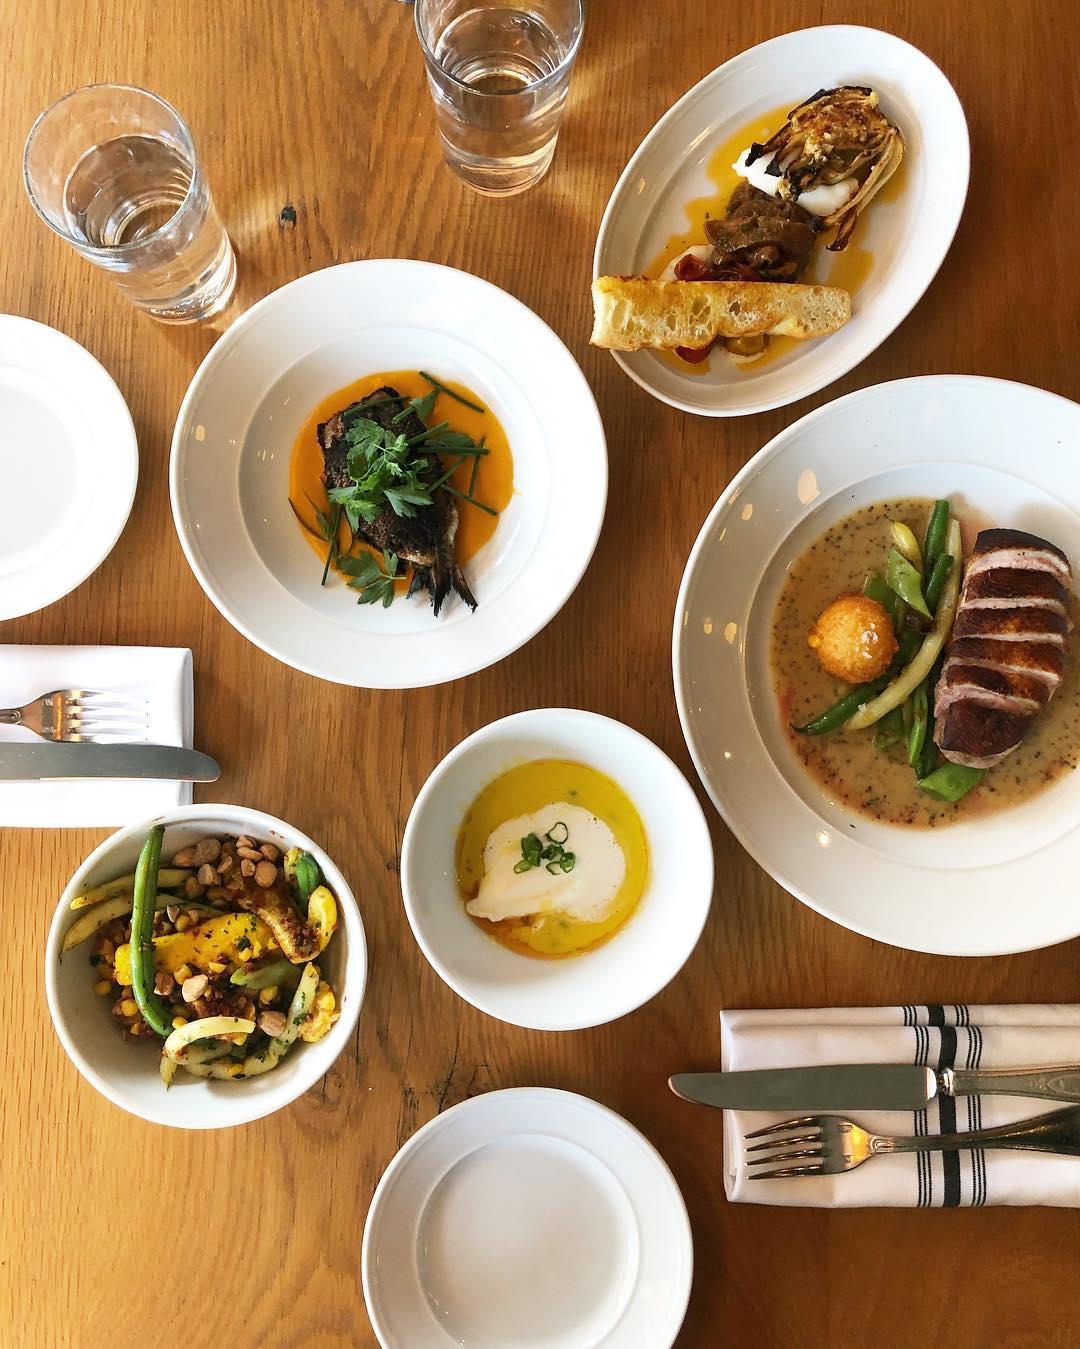 photo courtesy of ZOLA Restaurant